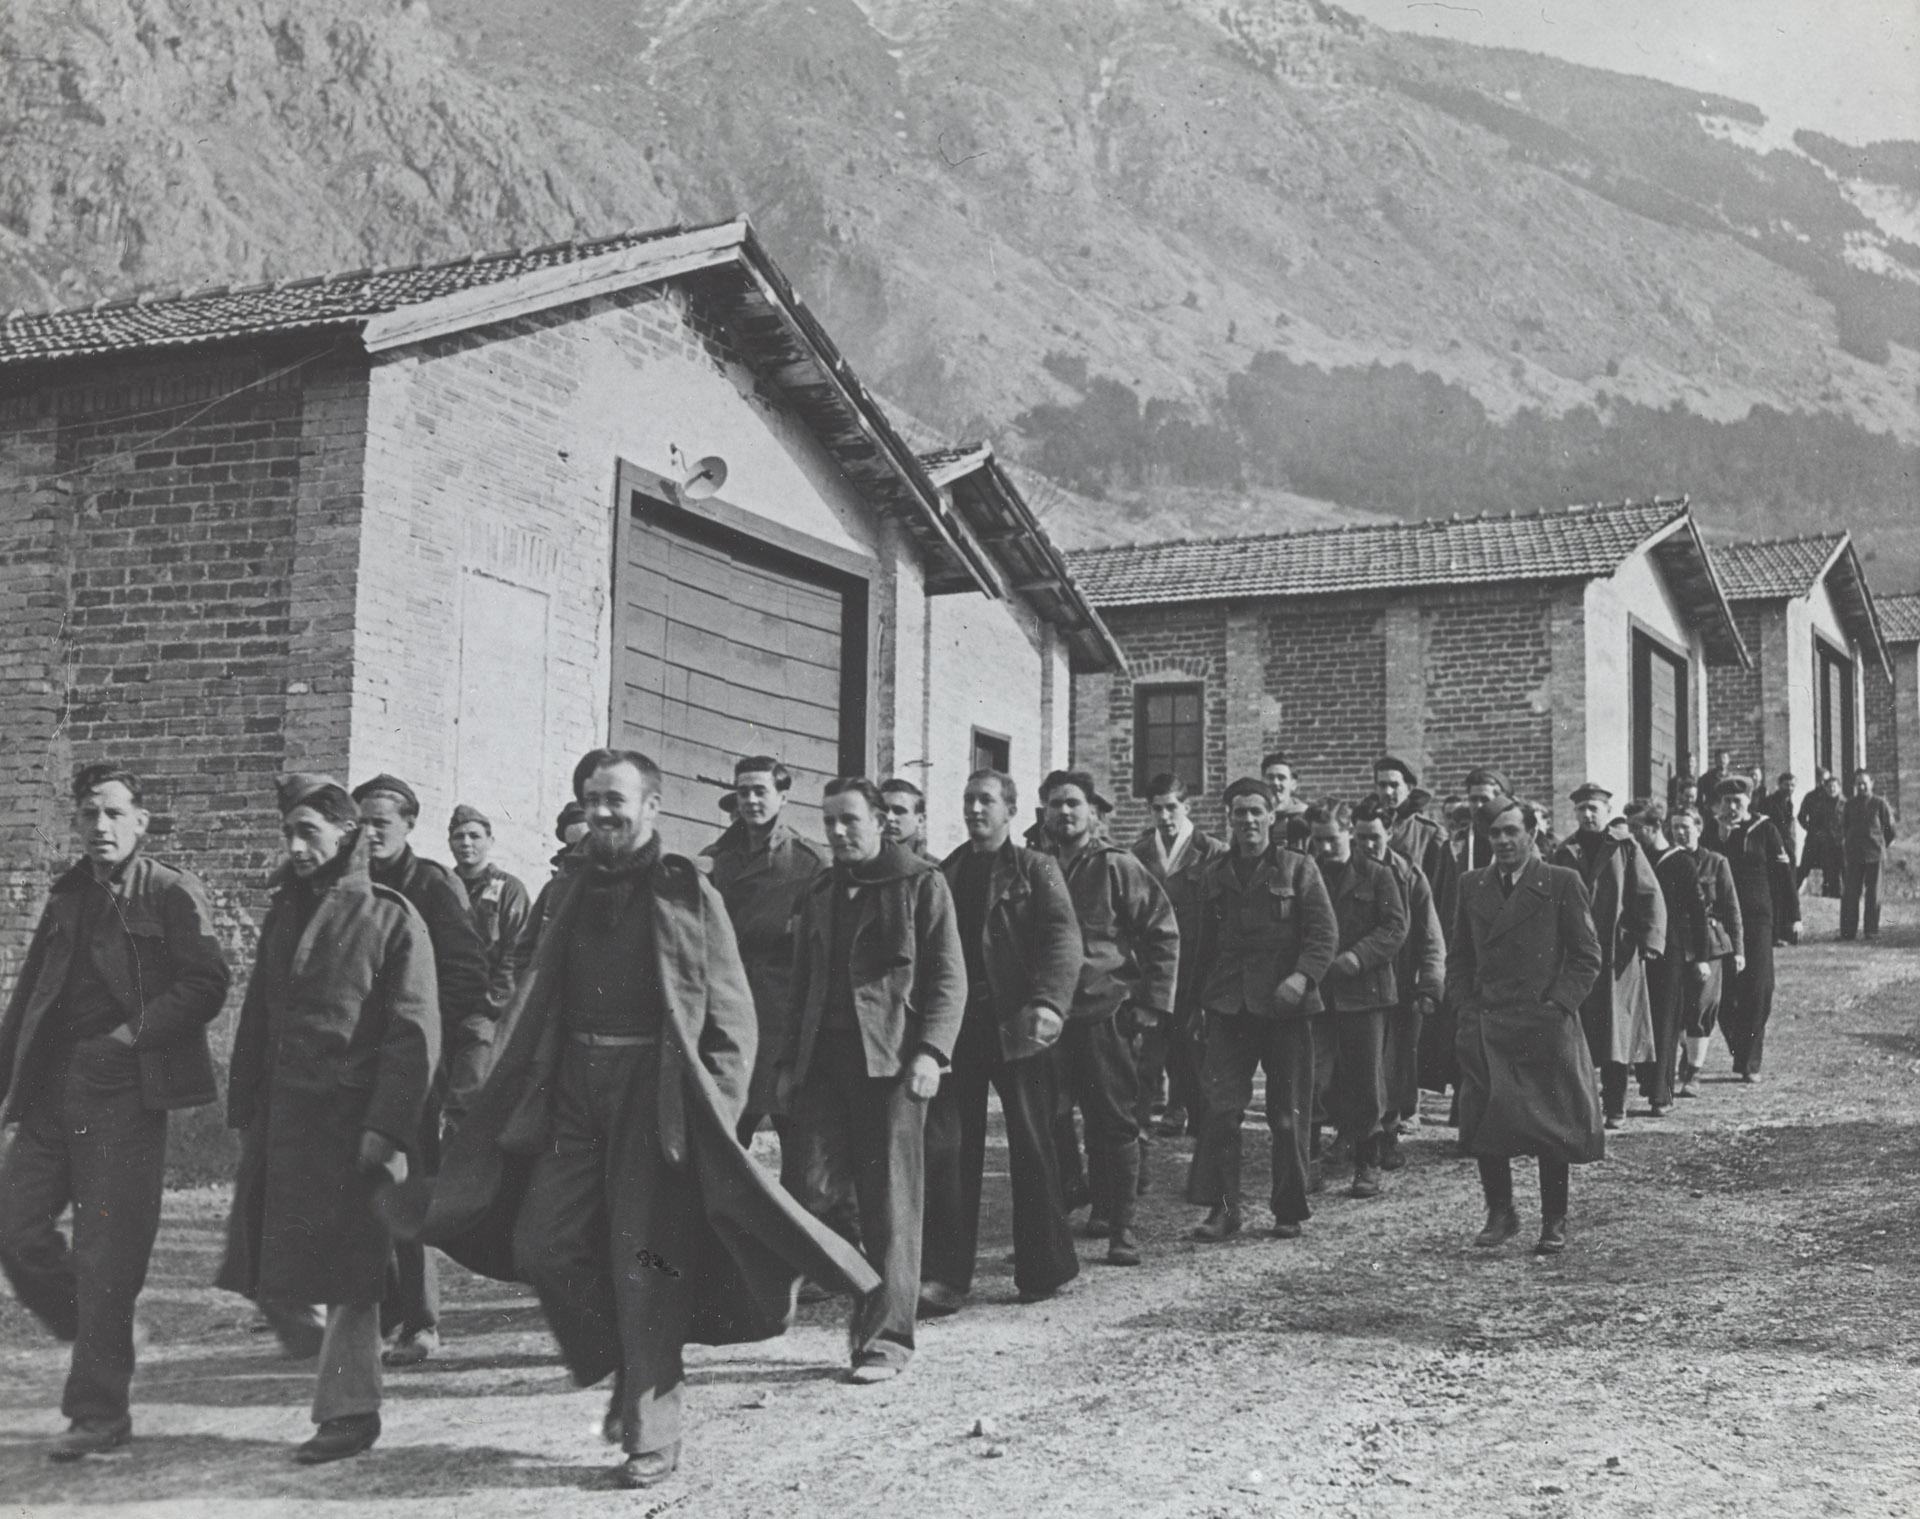 Unidentified prisoners of war camp: men walking in formation